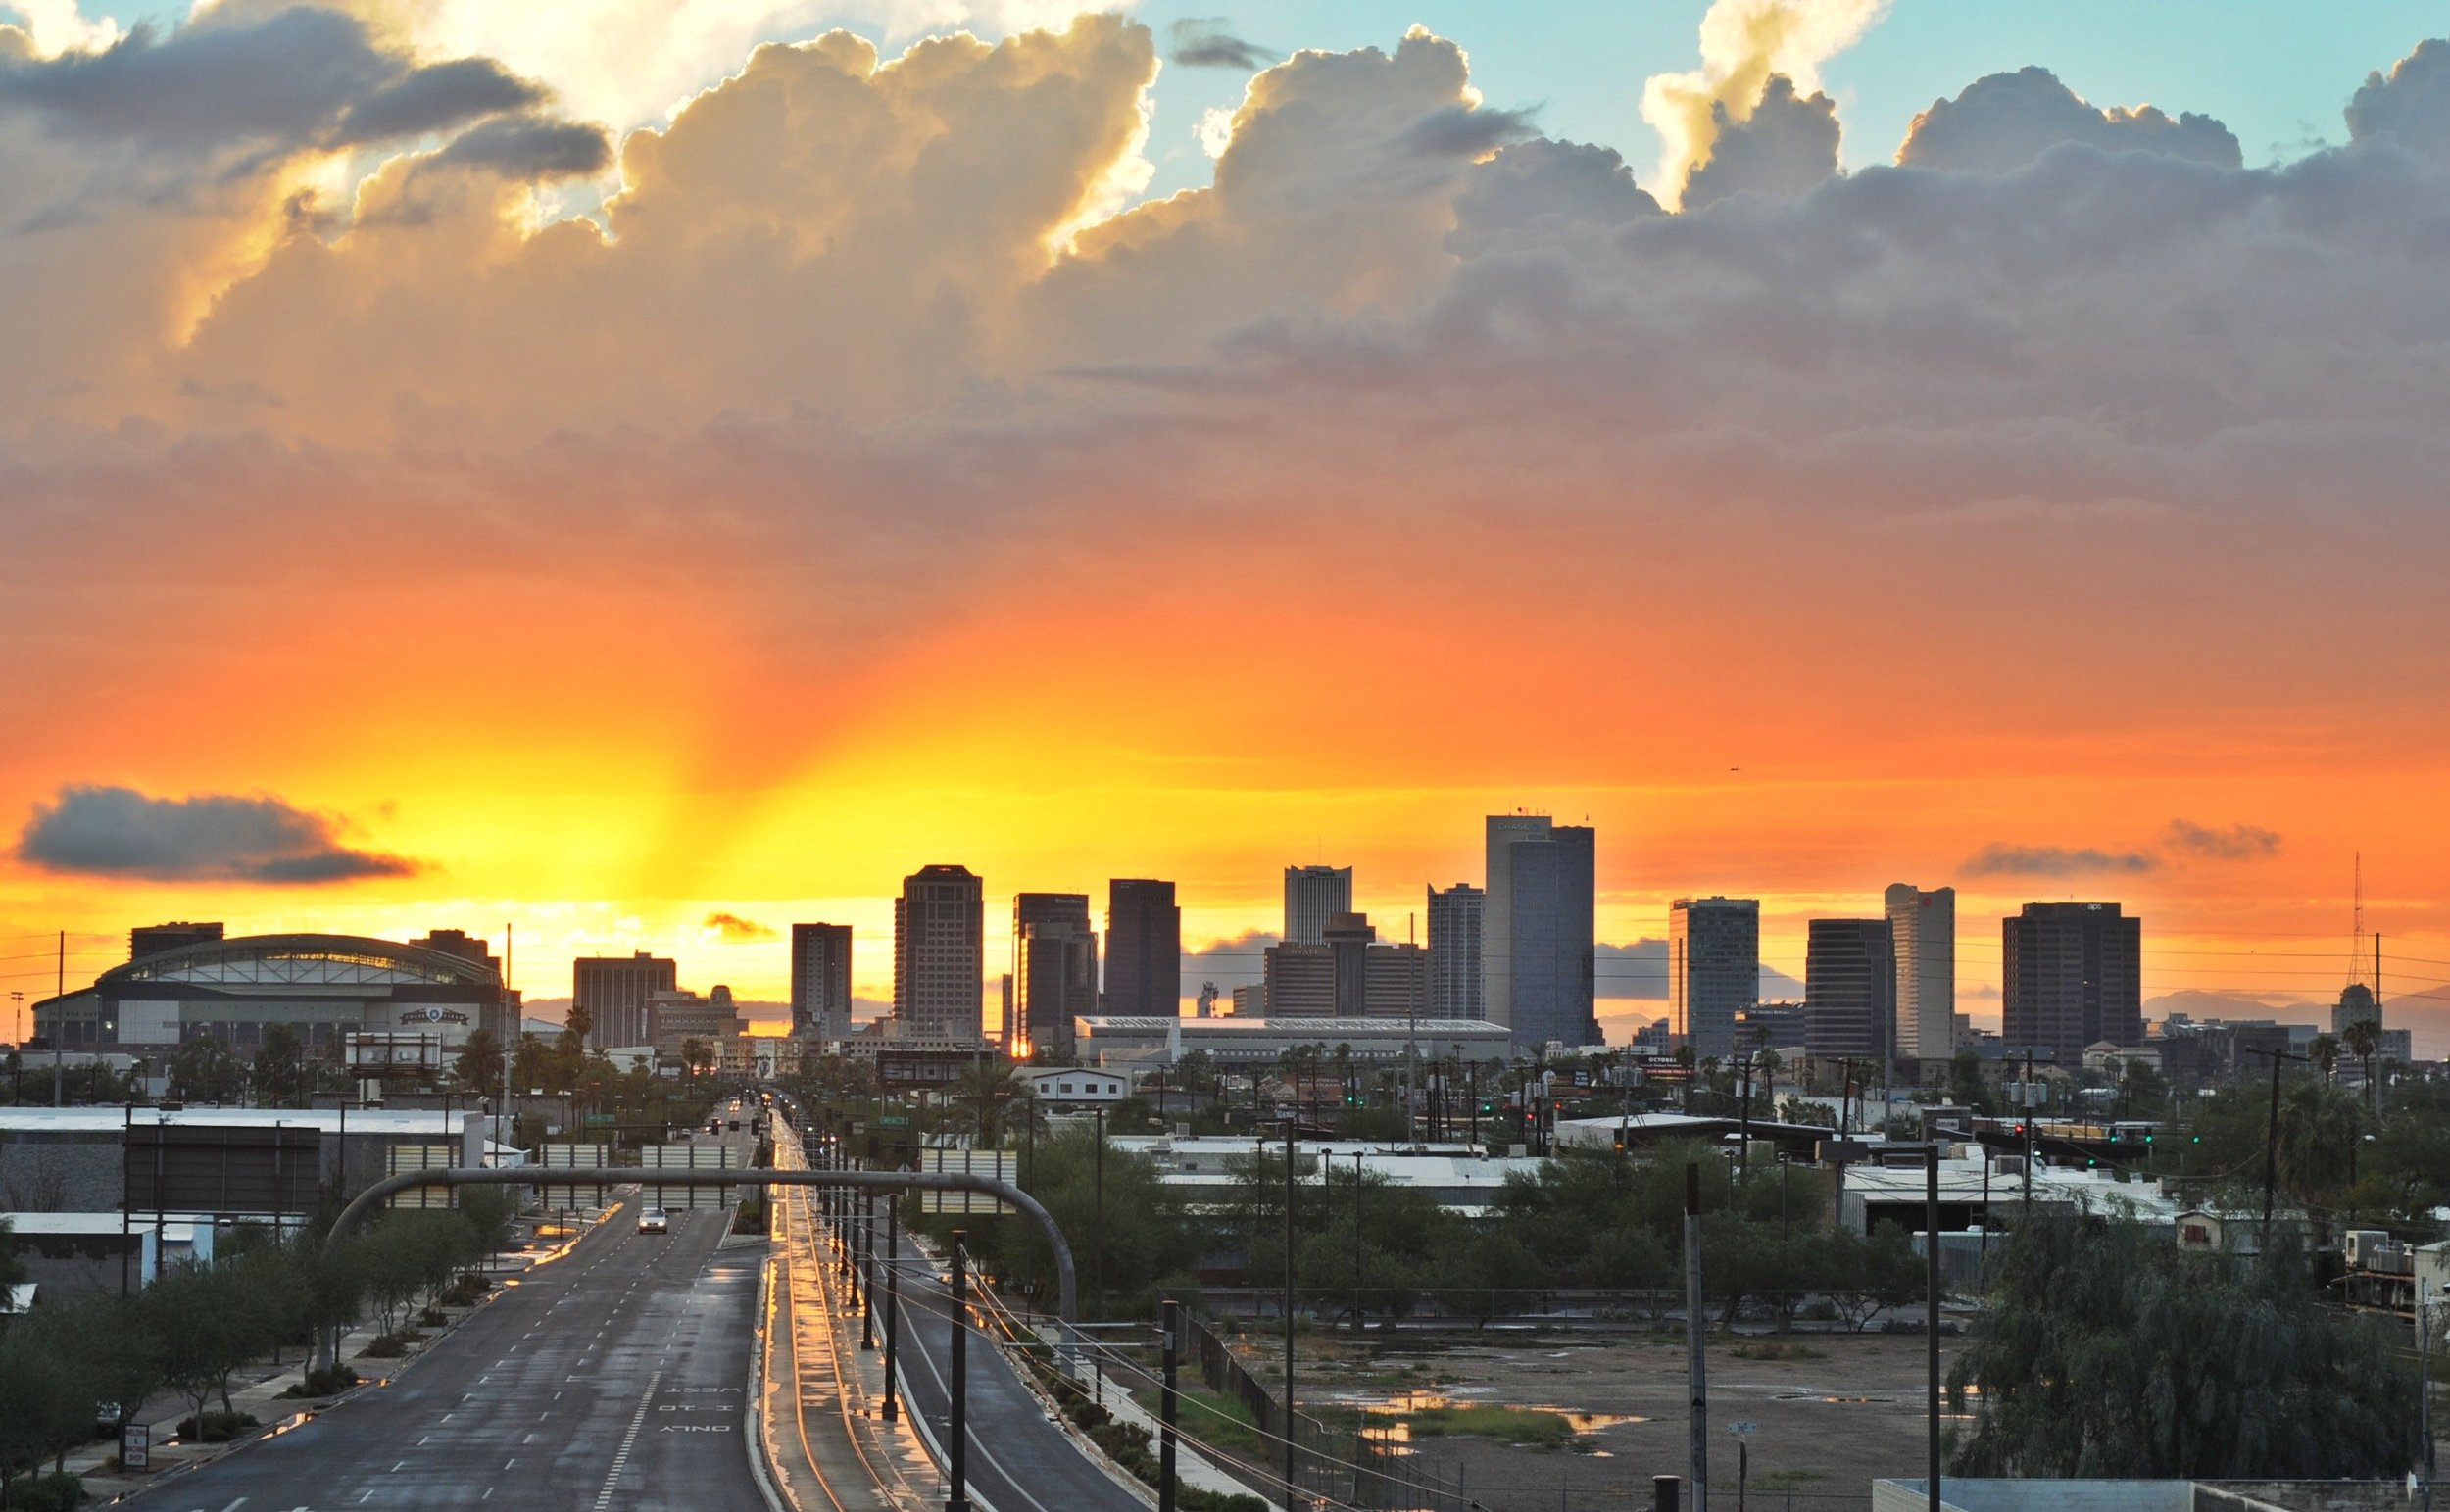 Sell Land in Phoenix AZ Fast